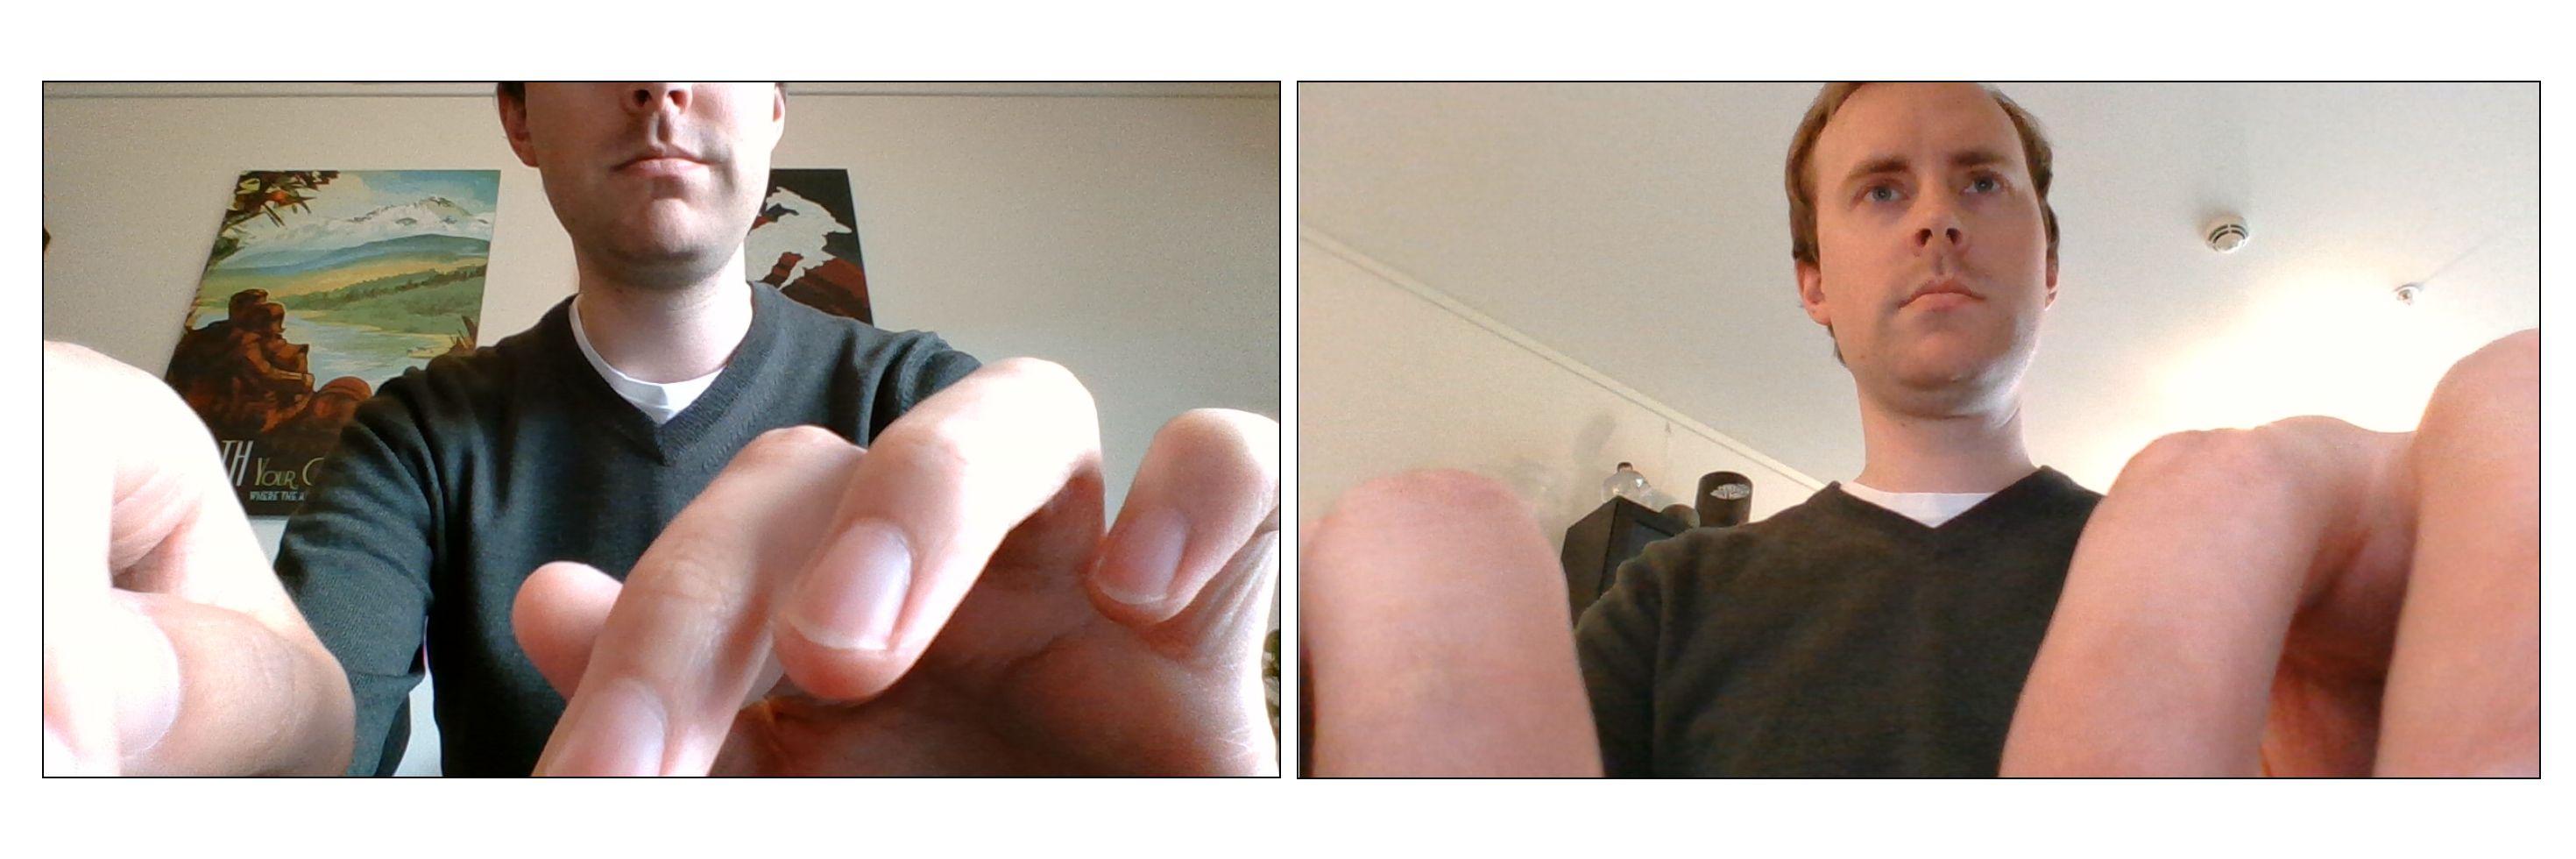 Tentakel-fingre og avkuttet hode, eller dobbelthake. Valget er ditt med MateBook X Pros kamera som er felt inn i tastaturet.